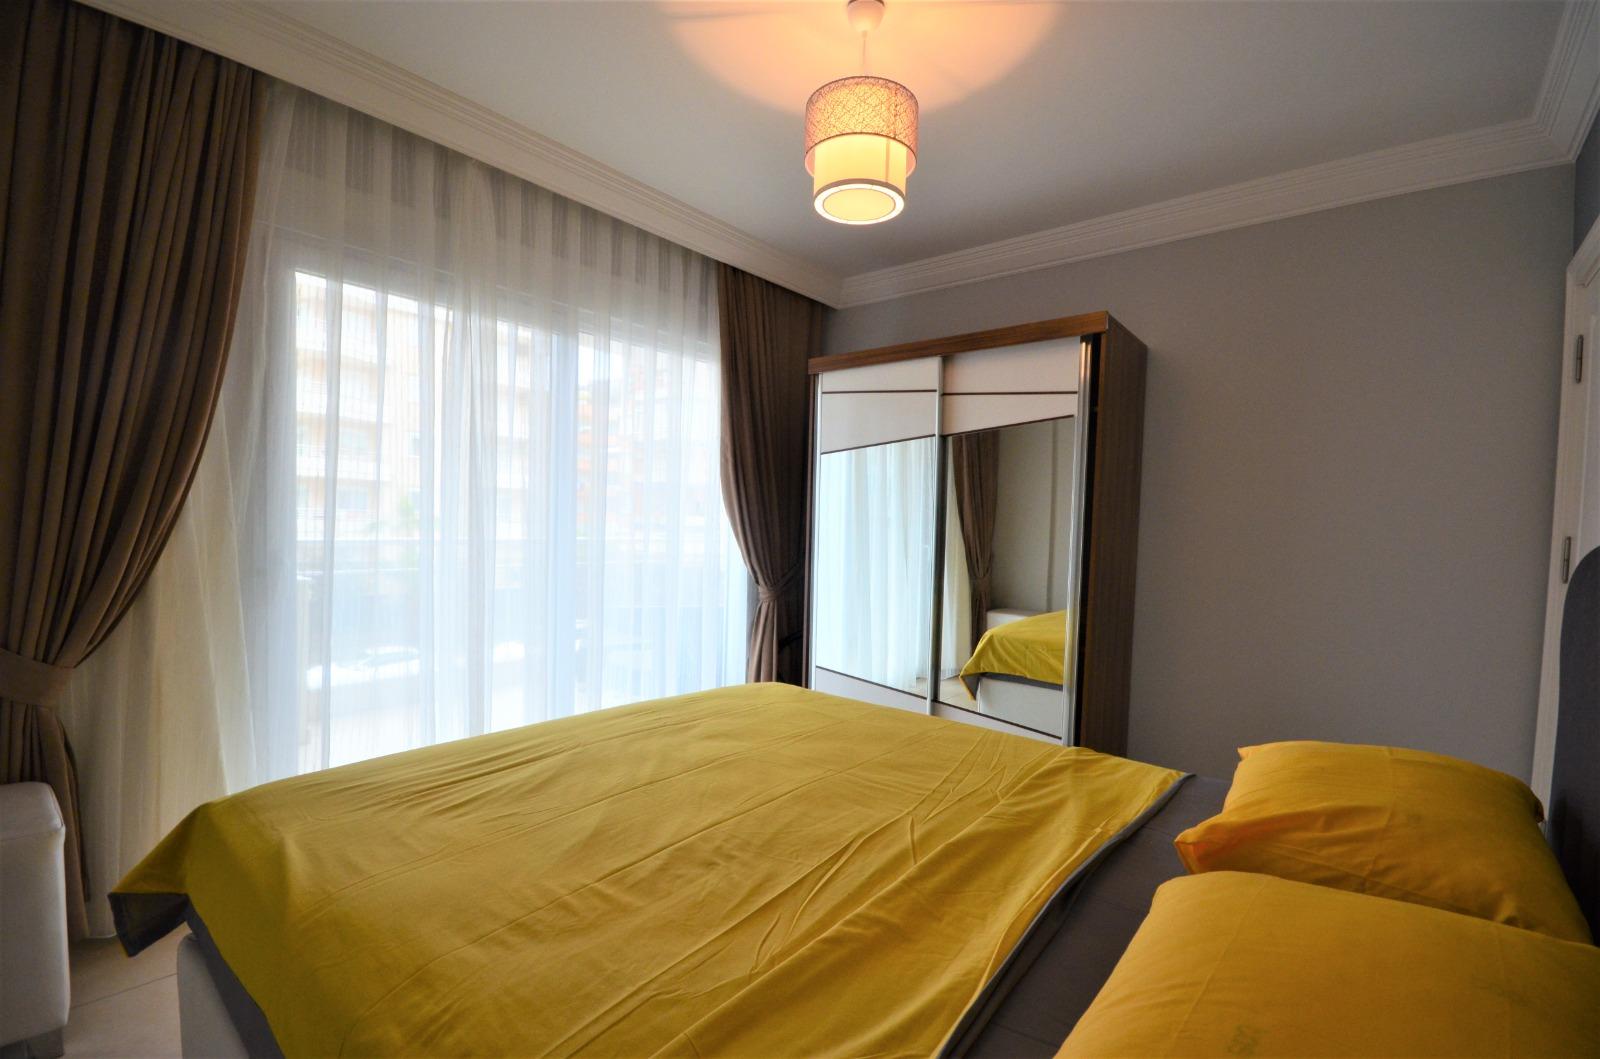 Двухкомнатная квартира с мебелью и бытовой техникой в районе Тосмур - Фото 12